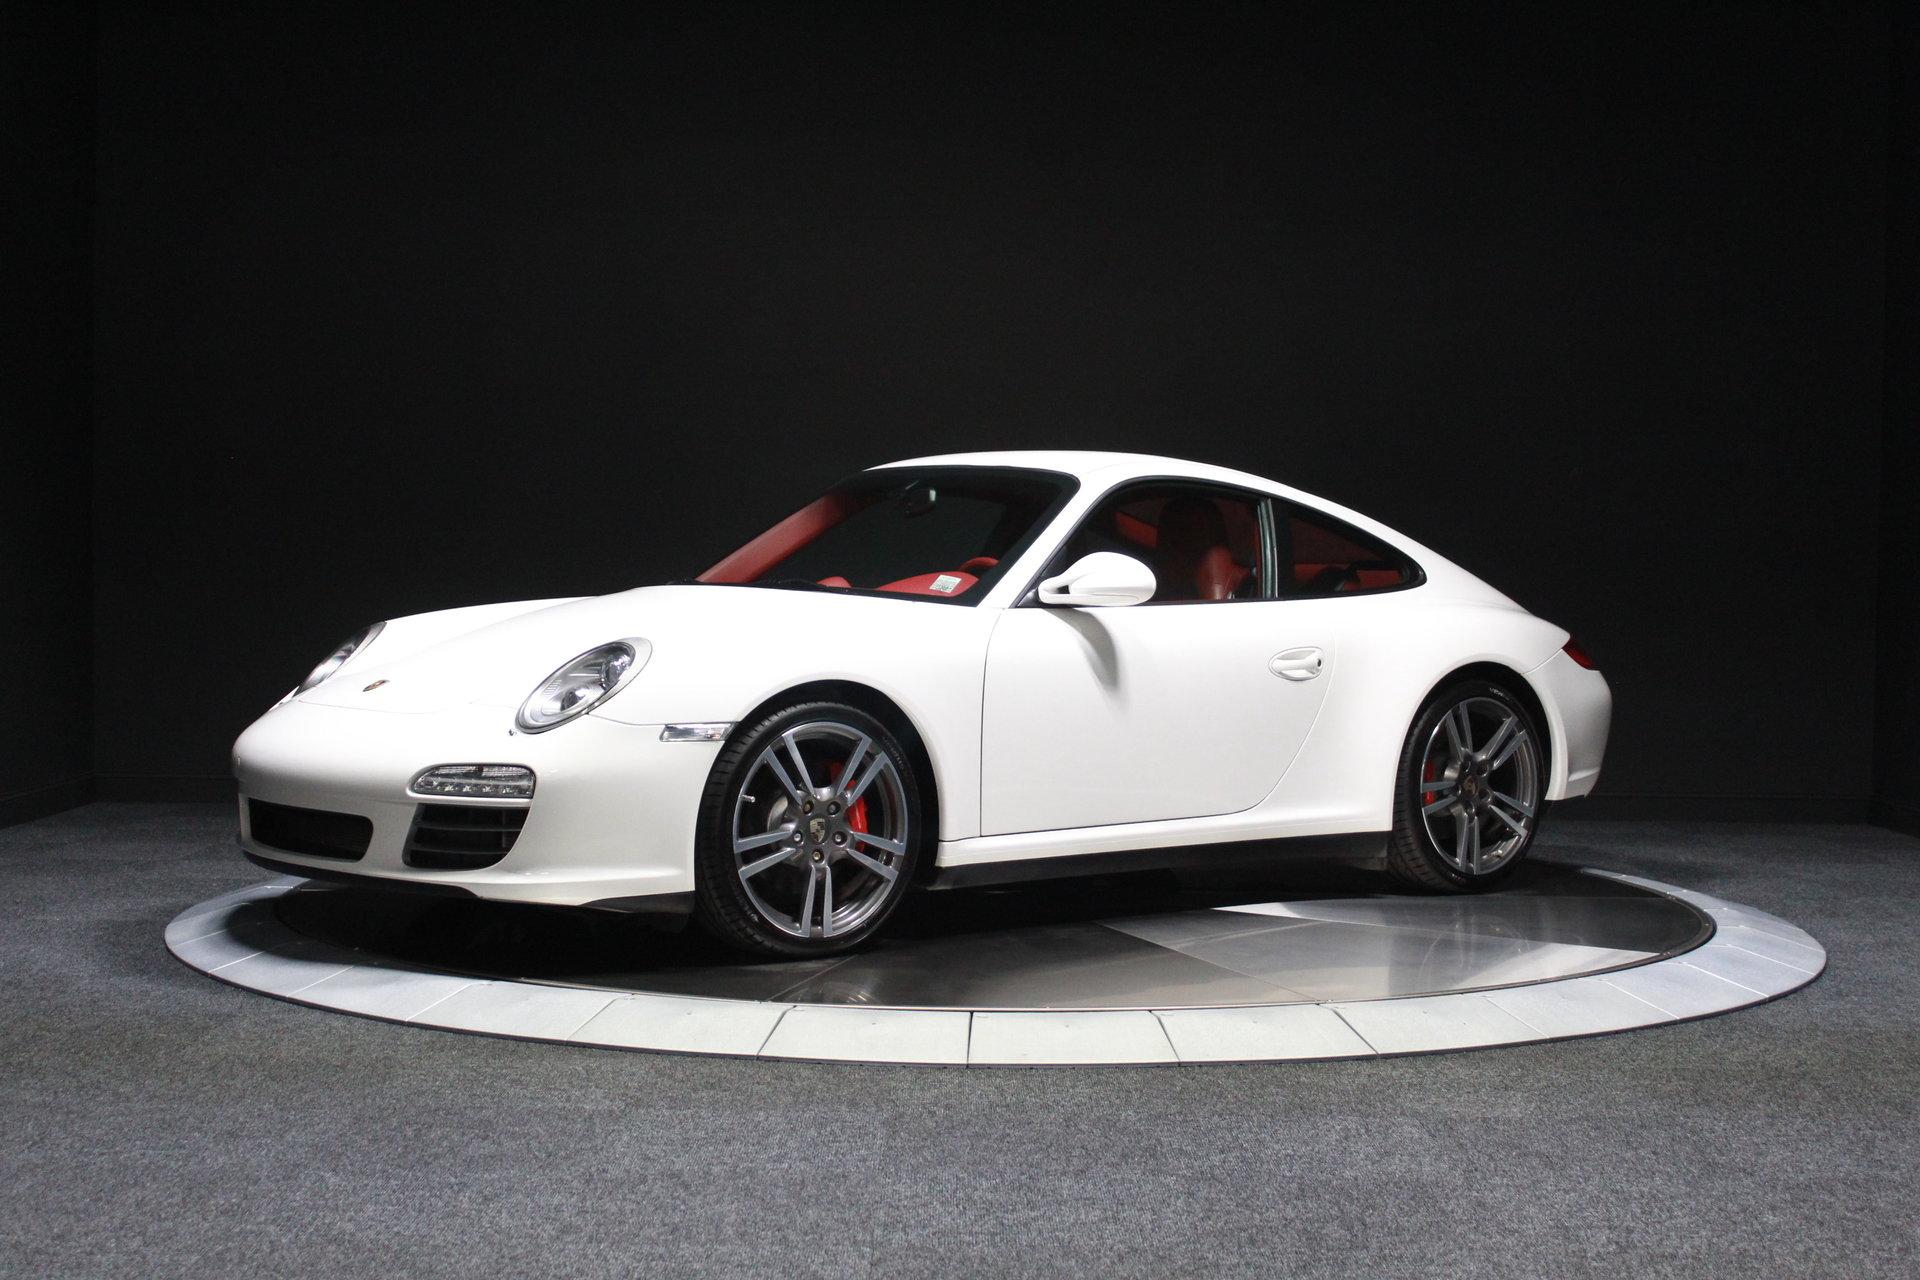 2012 Porsche 911 C4 S